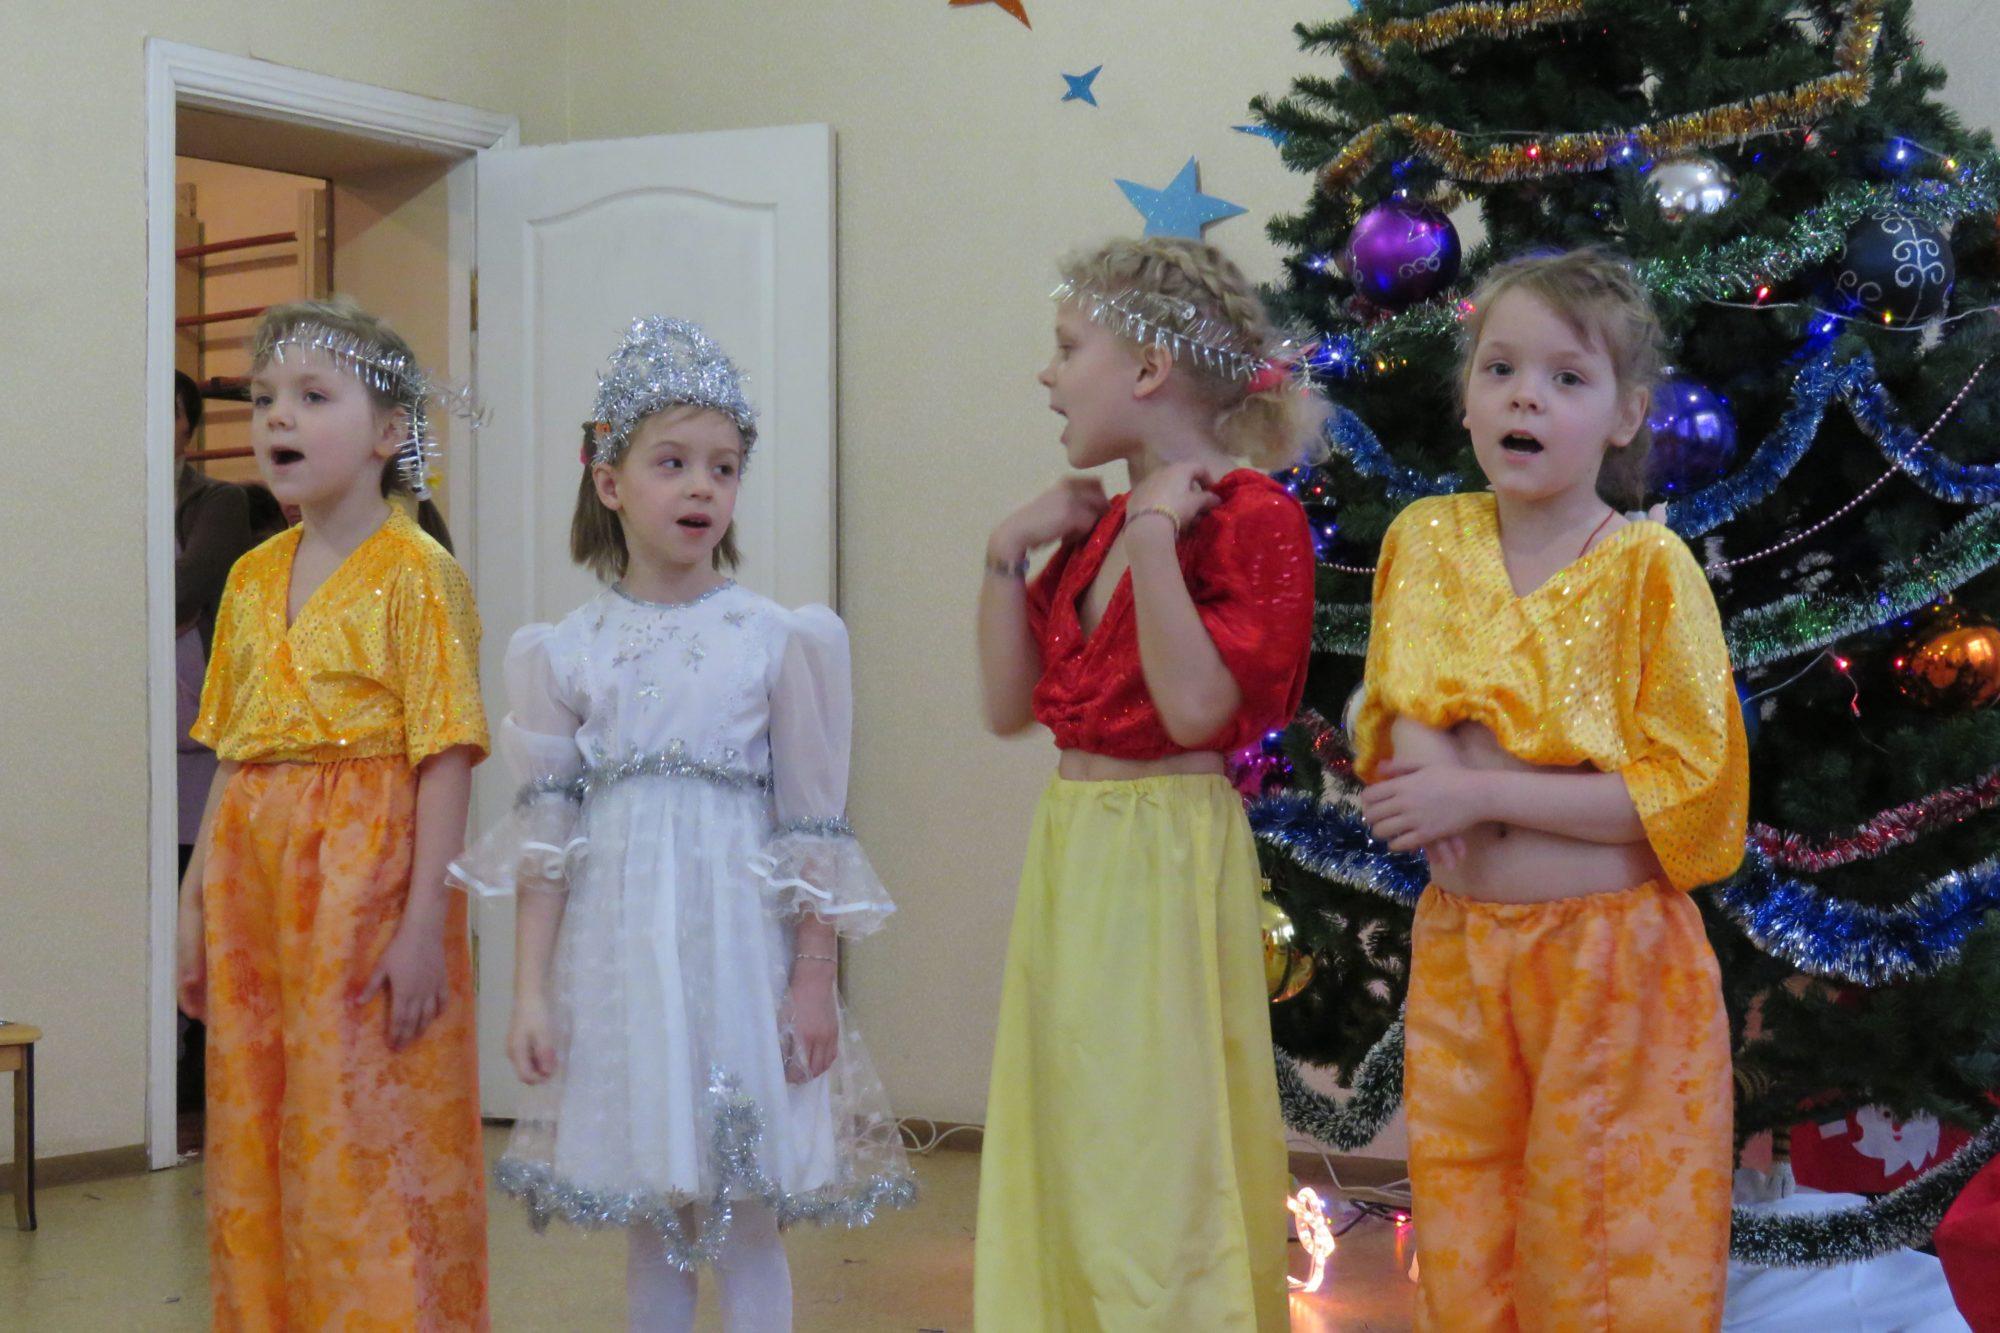 Свято для дітей: у Білій Церкві привітали вихованців центру «Злагода» - Біла Церква - imgbig 2 5 2000x1333